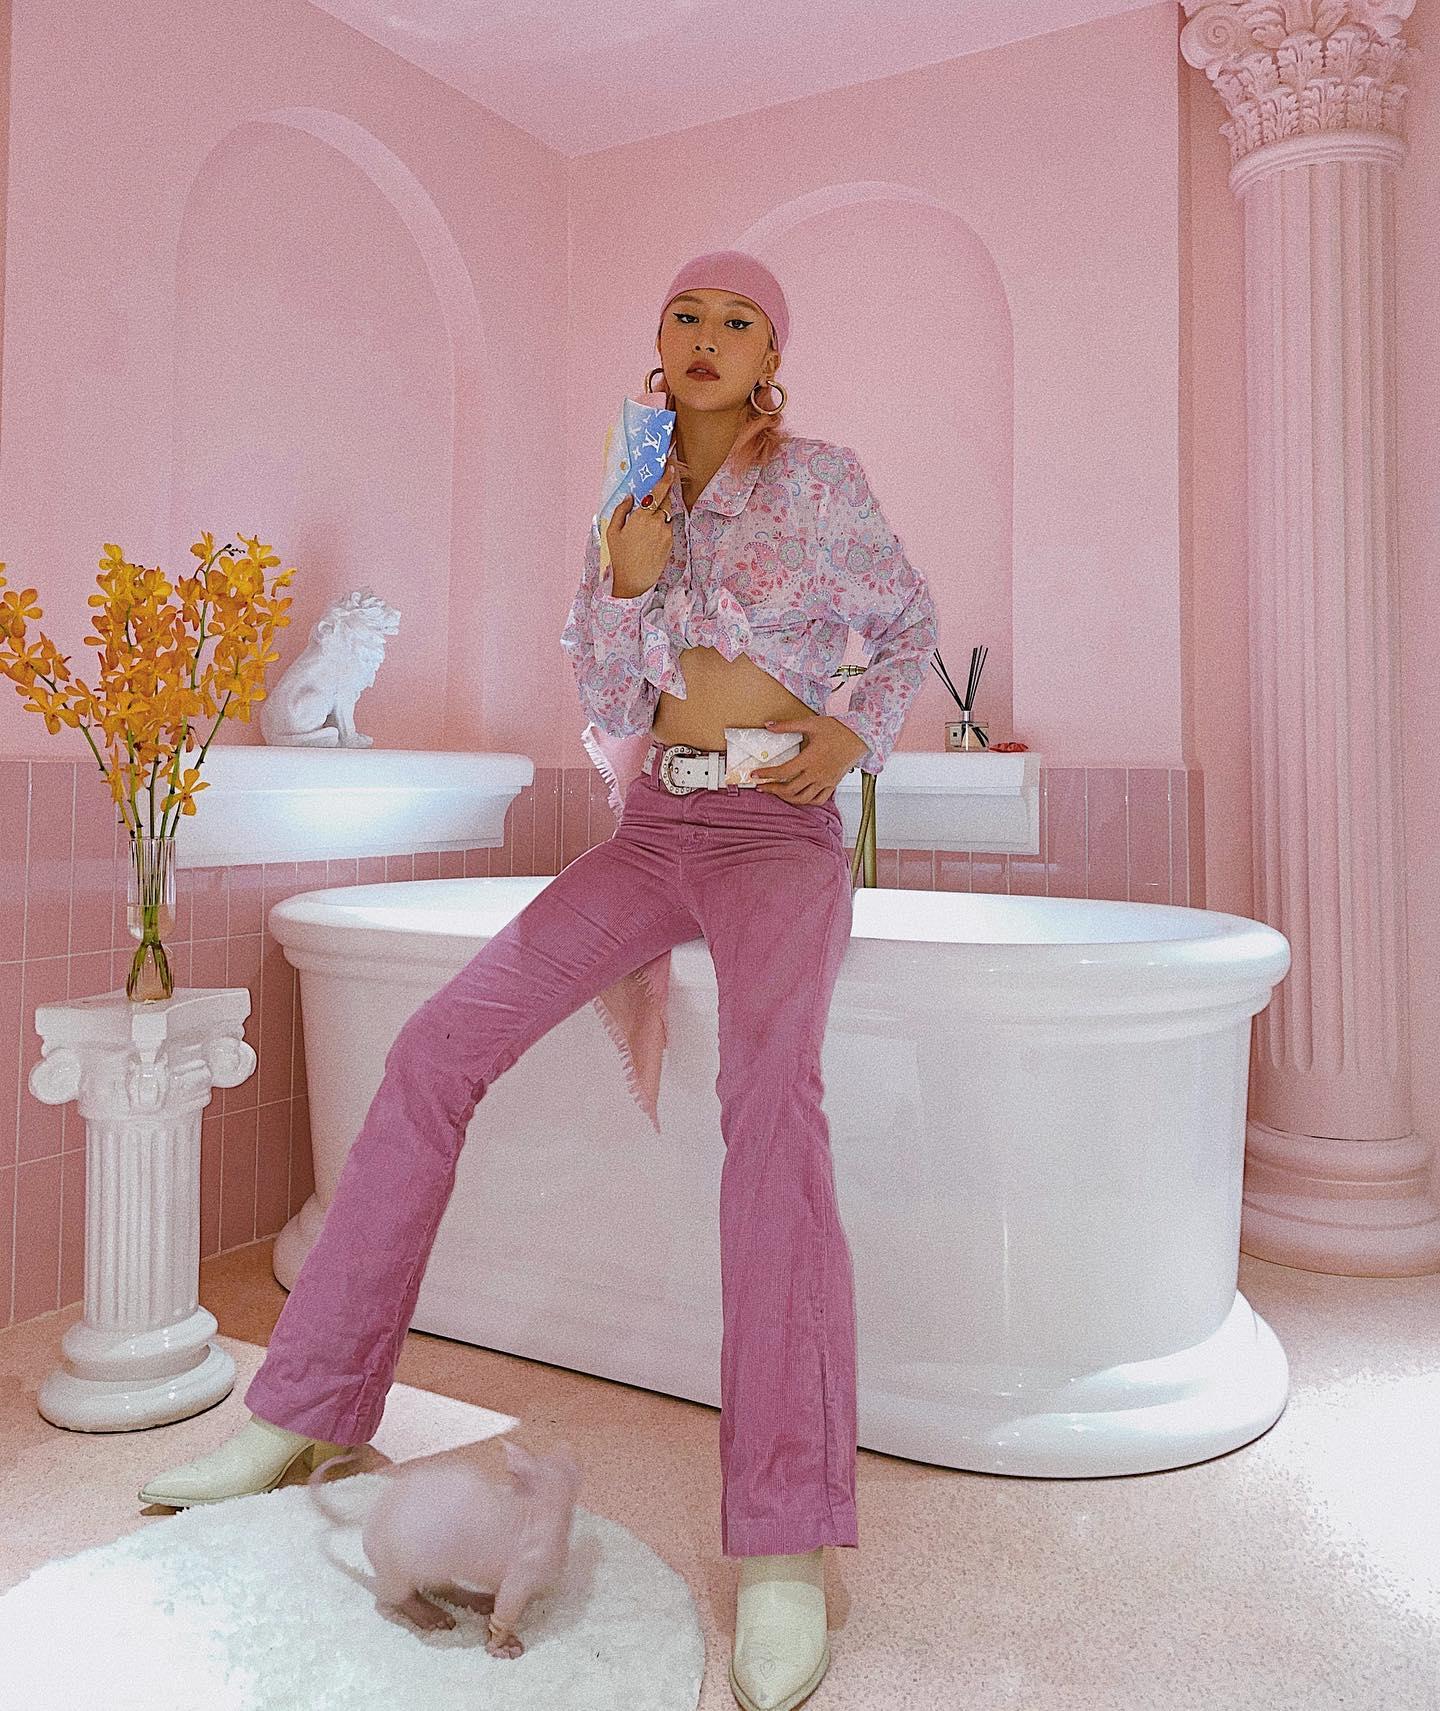 Hôm nay Quỳnh Anh Shyn diện đồ Louis Vuitton thật đẹp, nhưng dường như vòng 2 của nàng chưa thực sự hợp tác lắm - Ảnh 2.